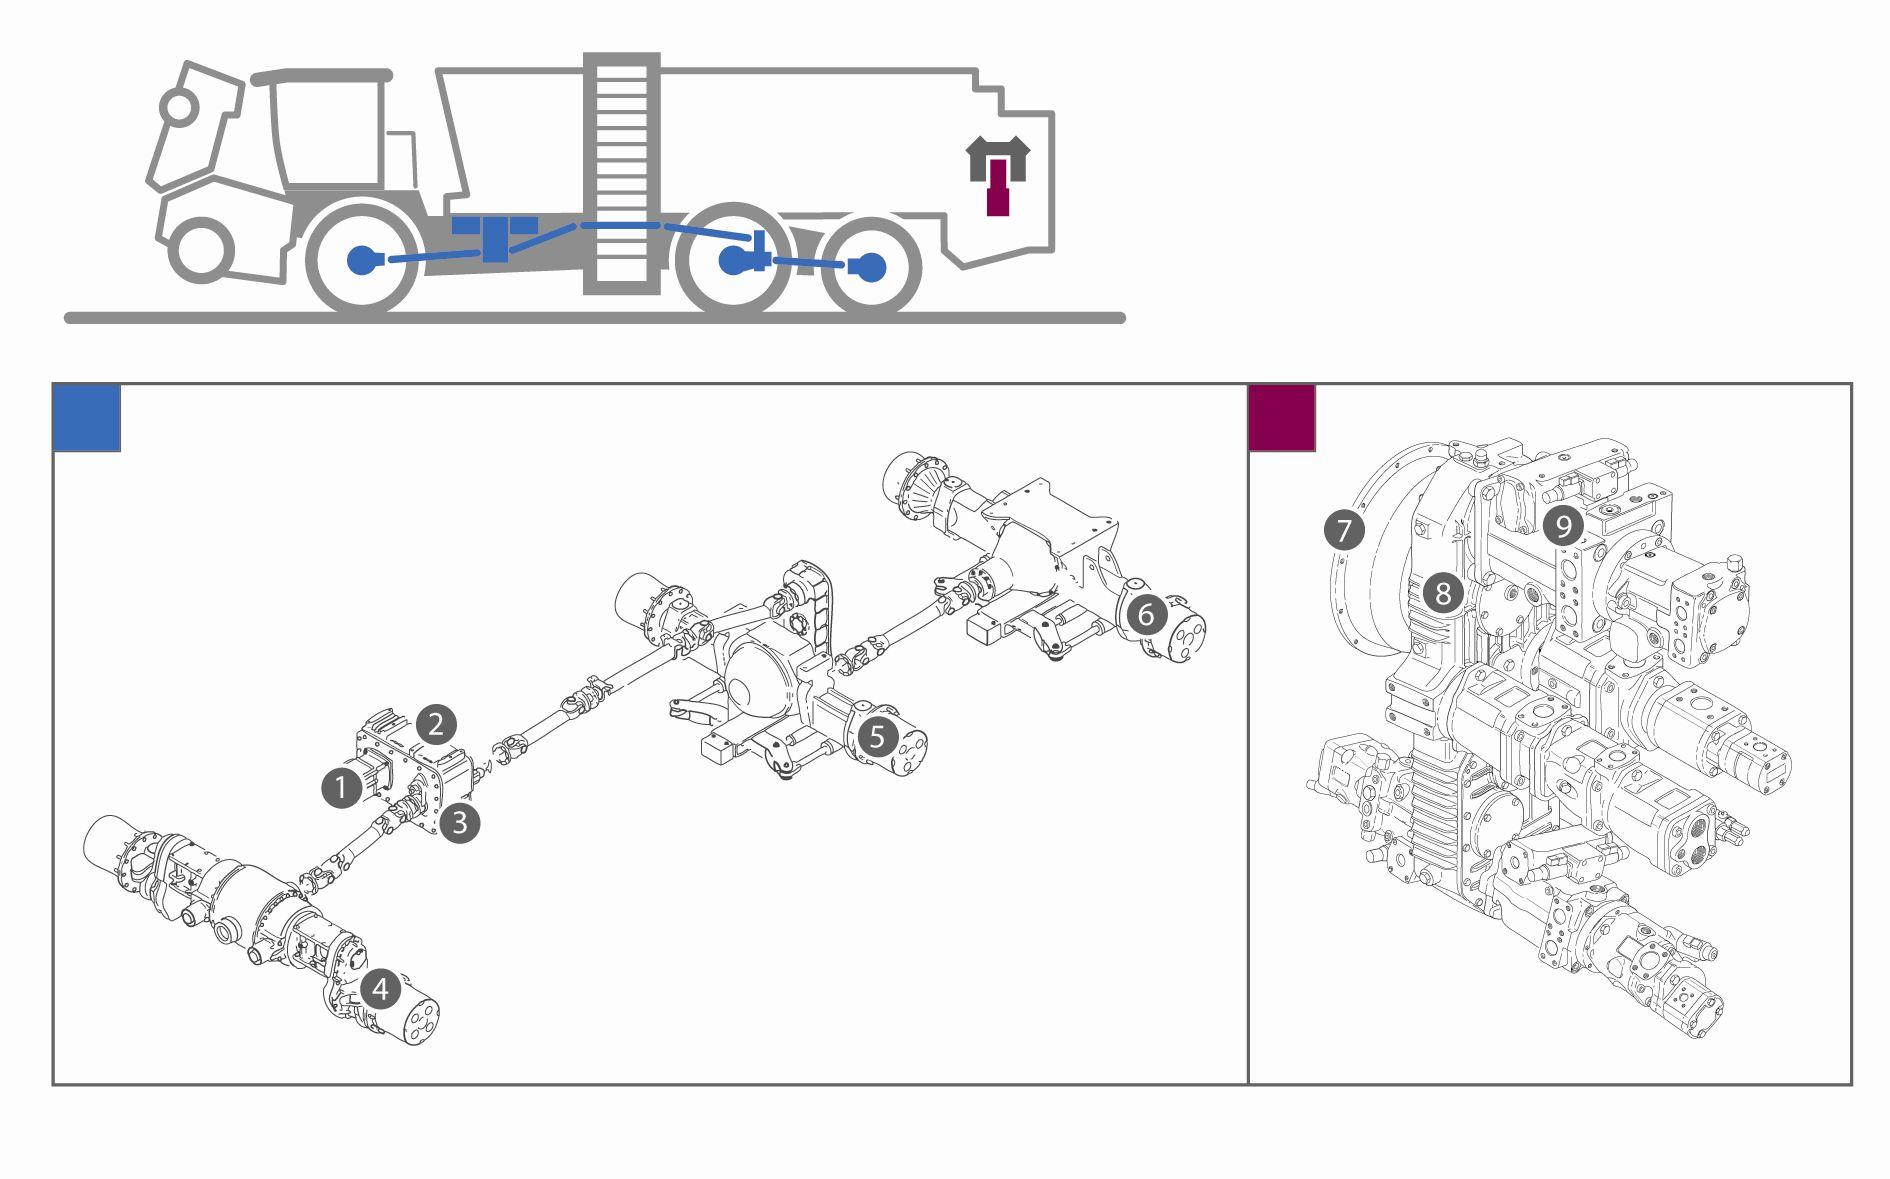 Warum hydraulisch auf den zweiten Blick doch besser ist